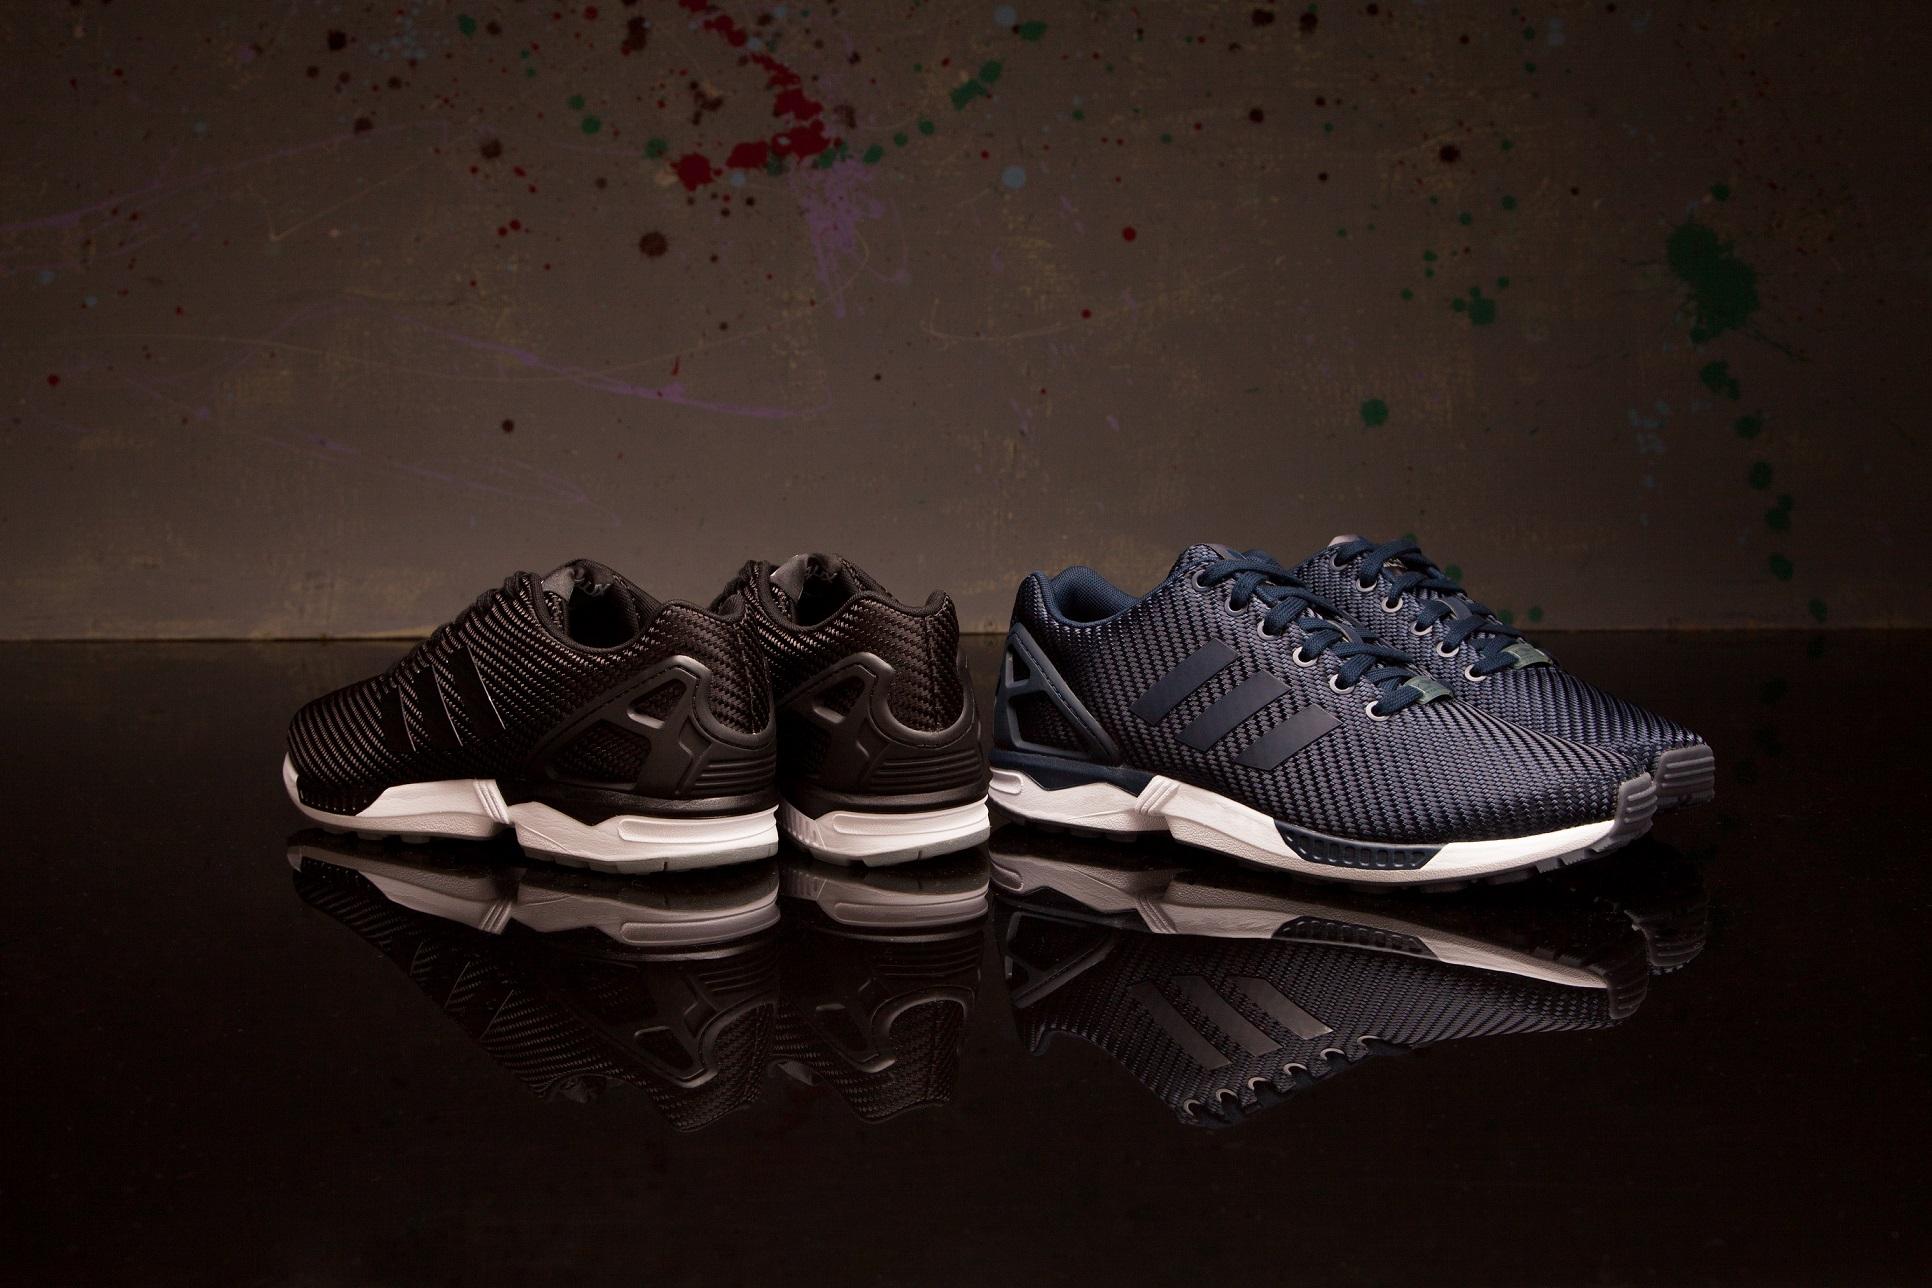 timeless design f9238 34737 材質強化/ adidas Originals ZX Flux Ballistic Woven – KEEDAN.COM